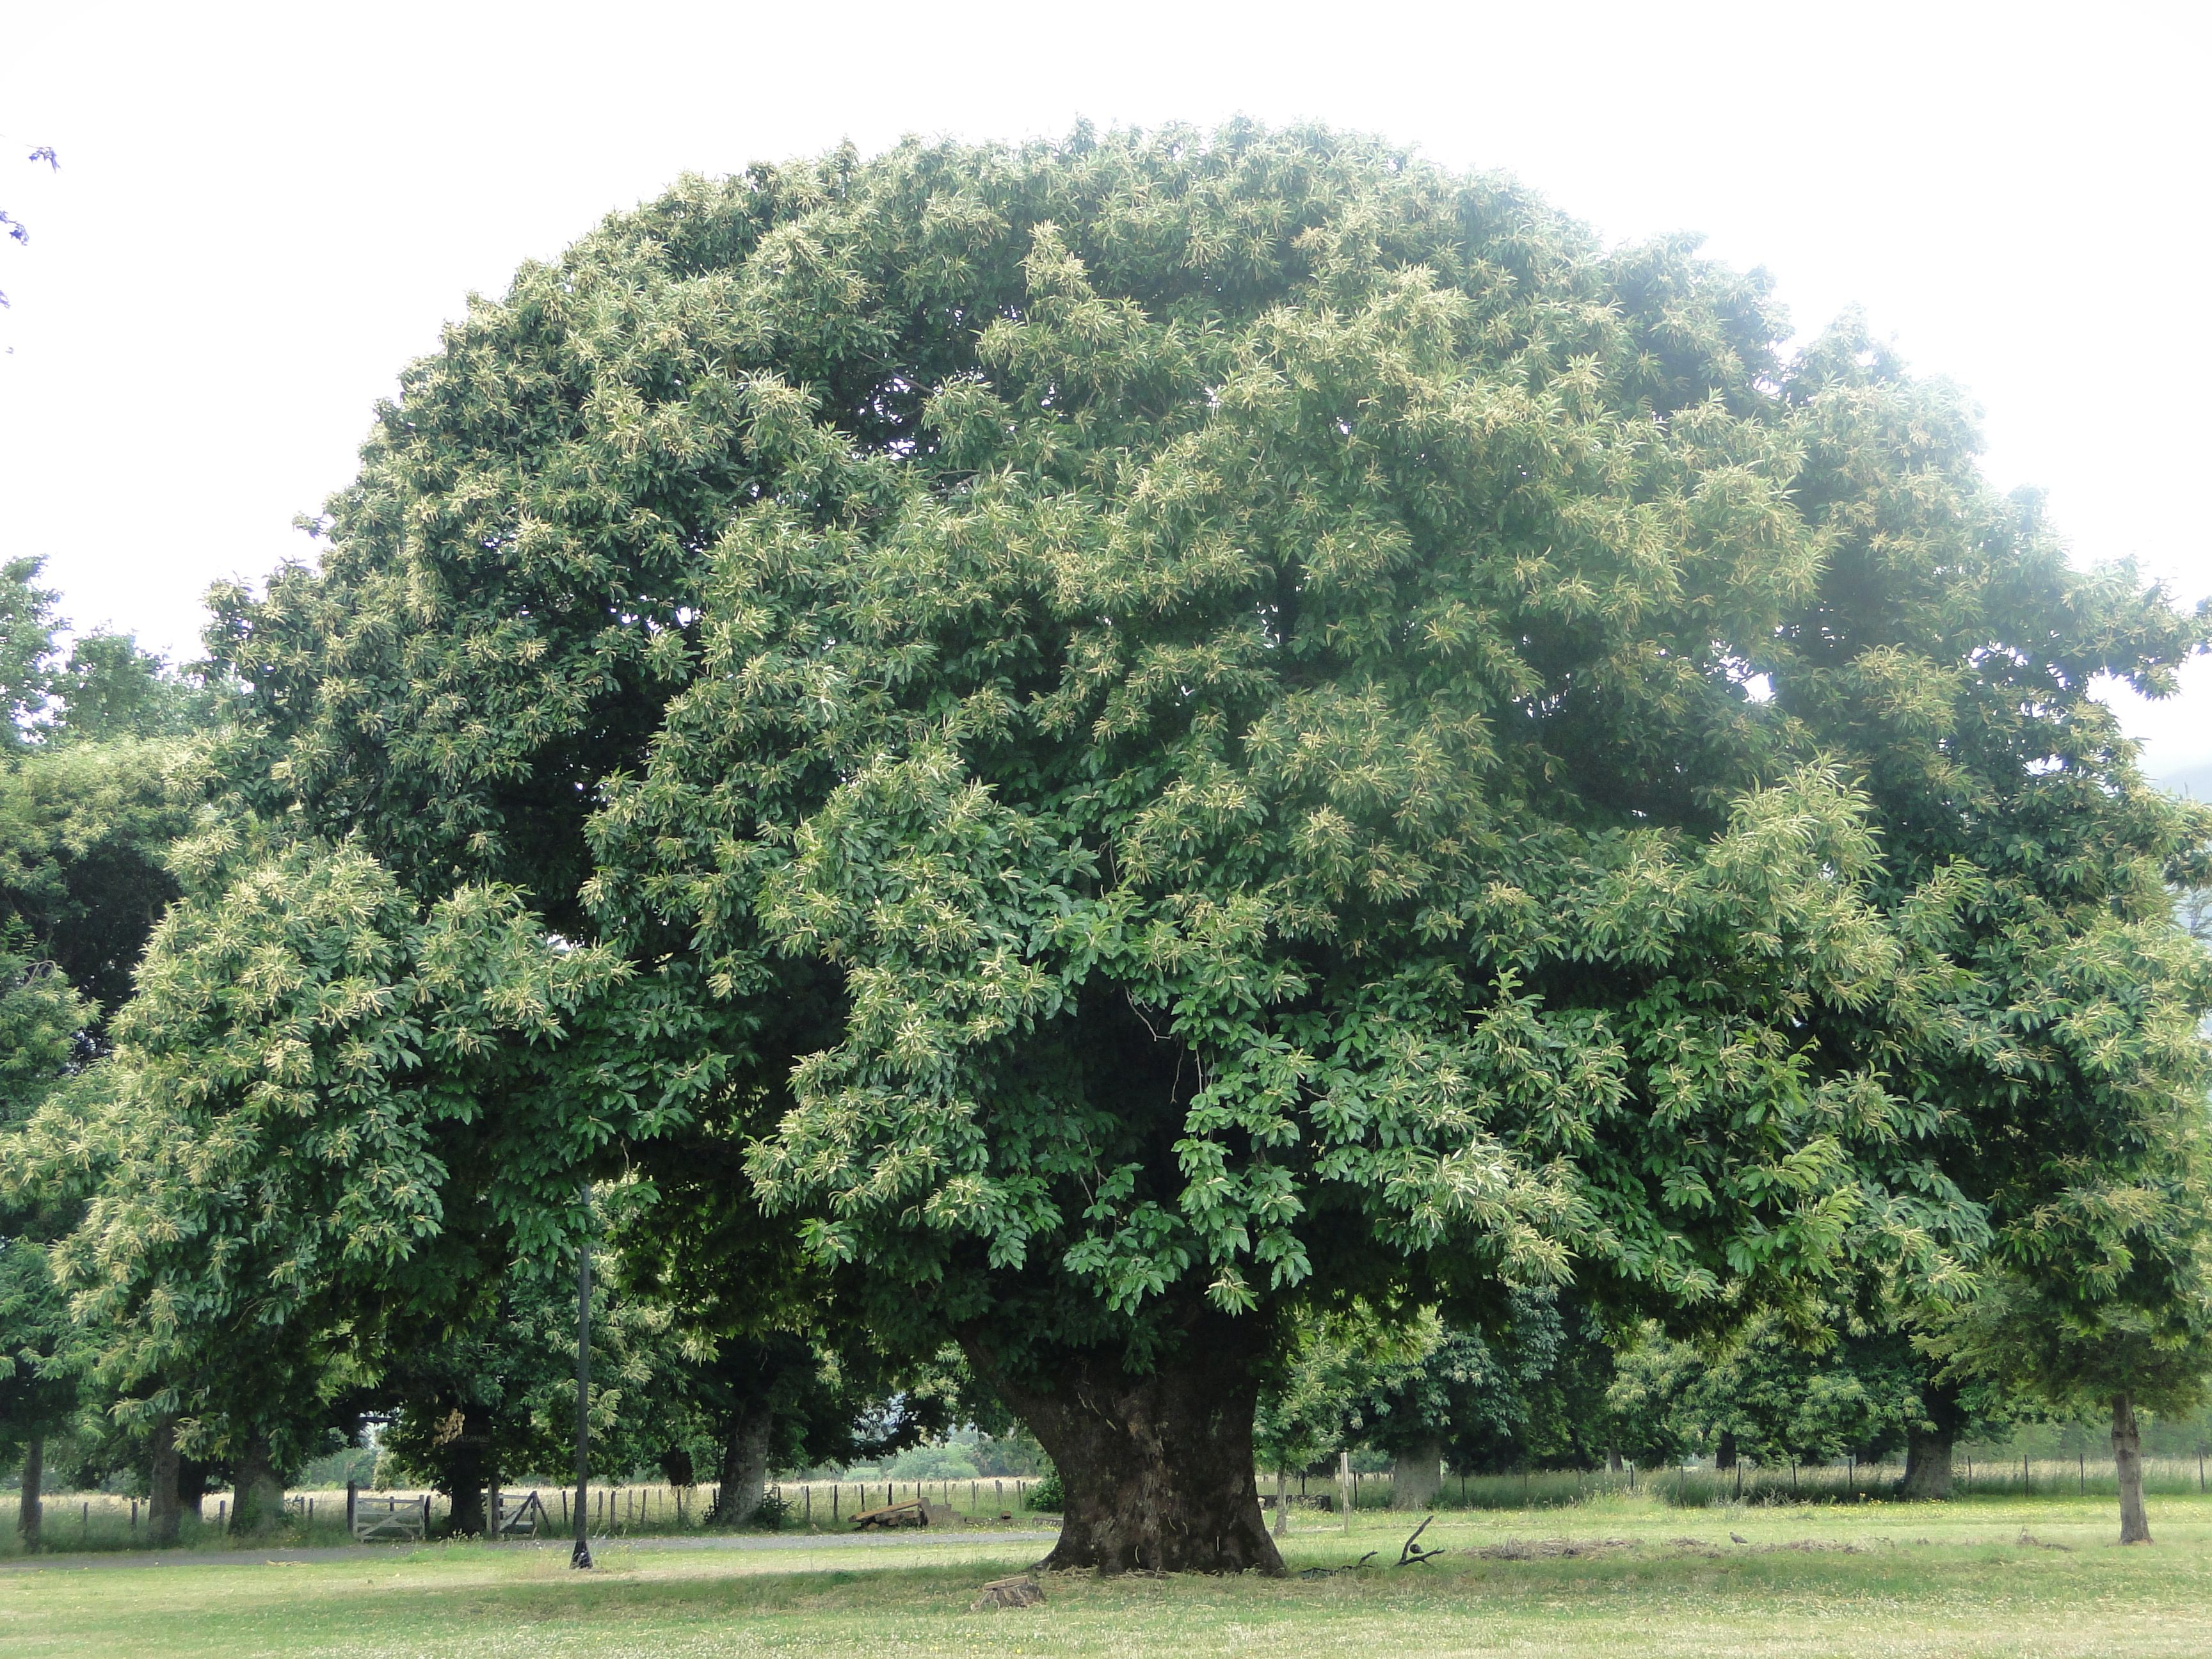 Casta o fundo los alamos puc n chile la foto es m a for Imagenes de arboles ornamentales